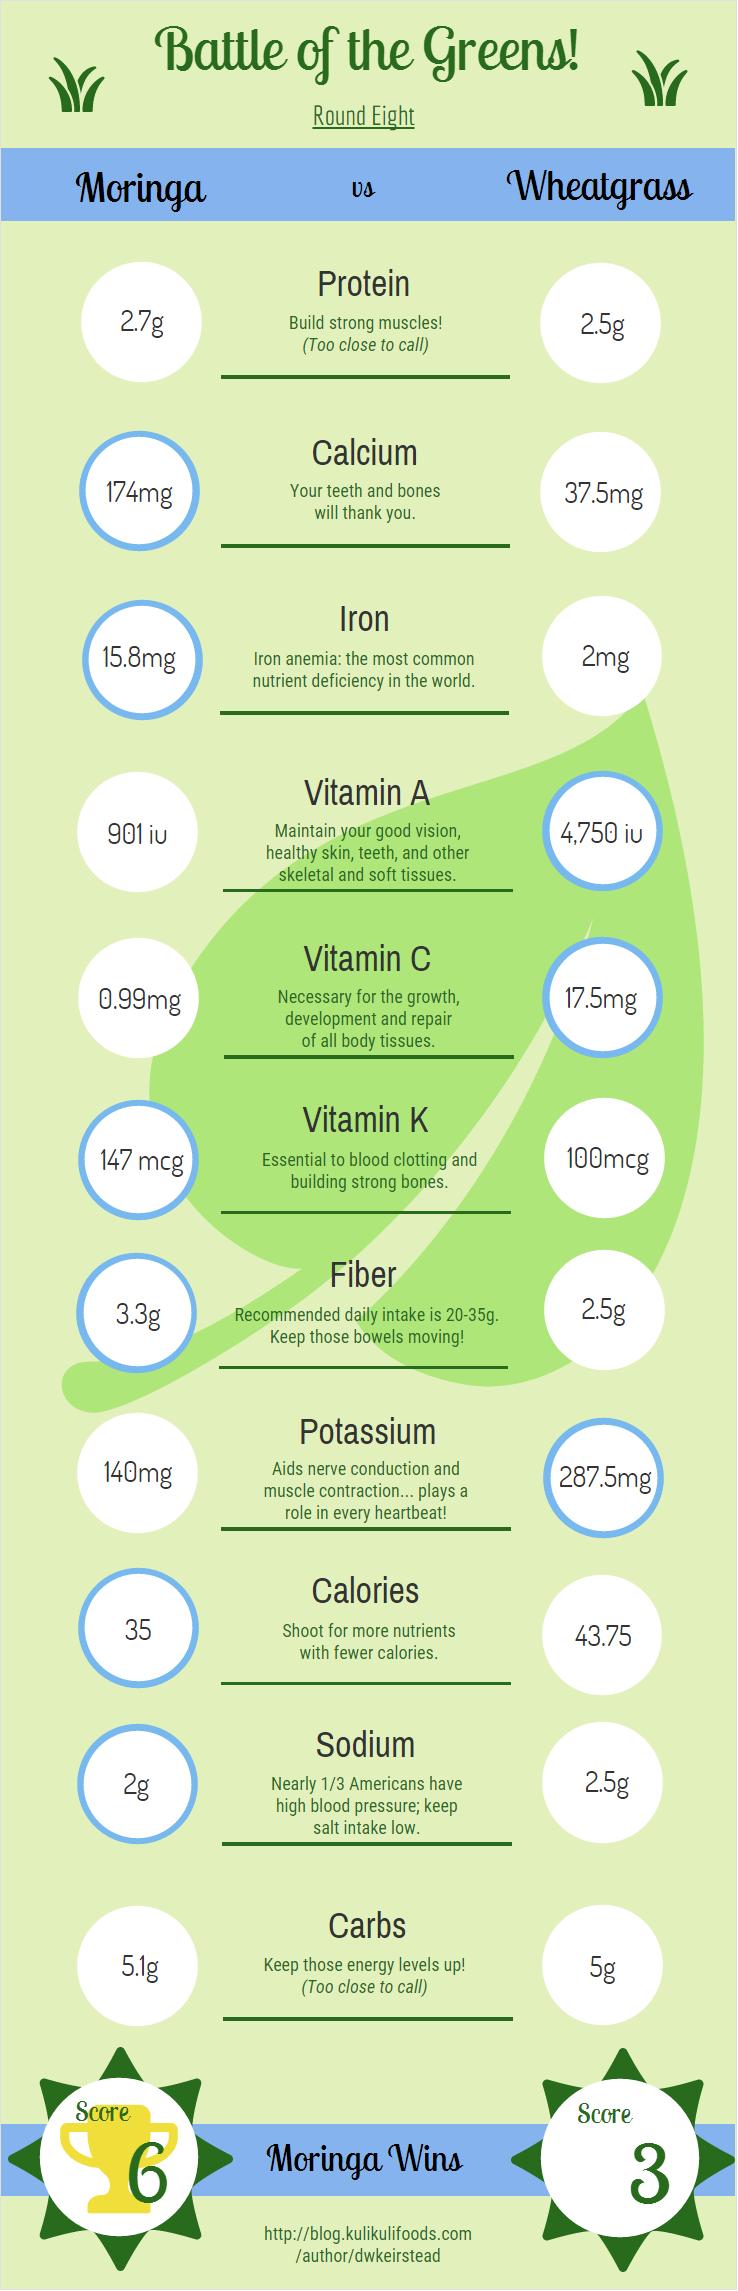 Moringa vs Wheatgrass Figure 1